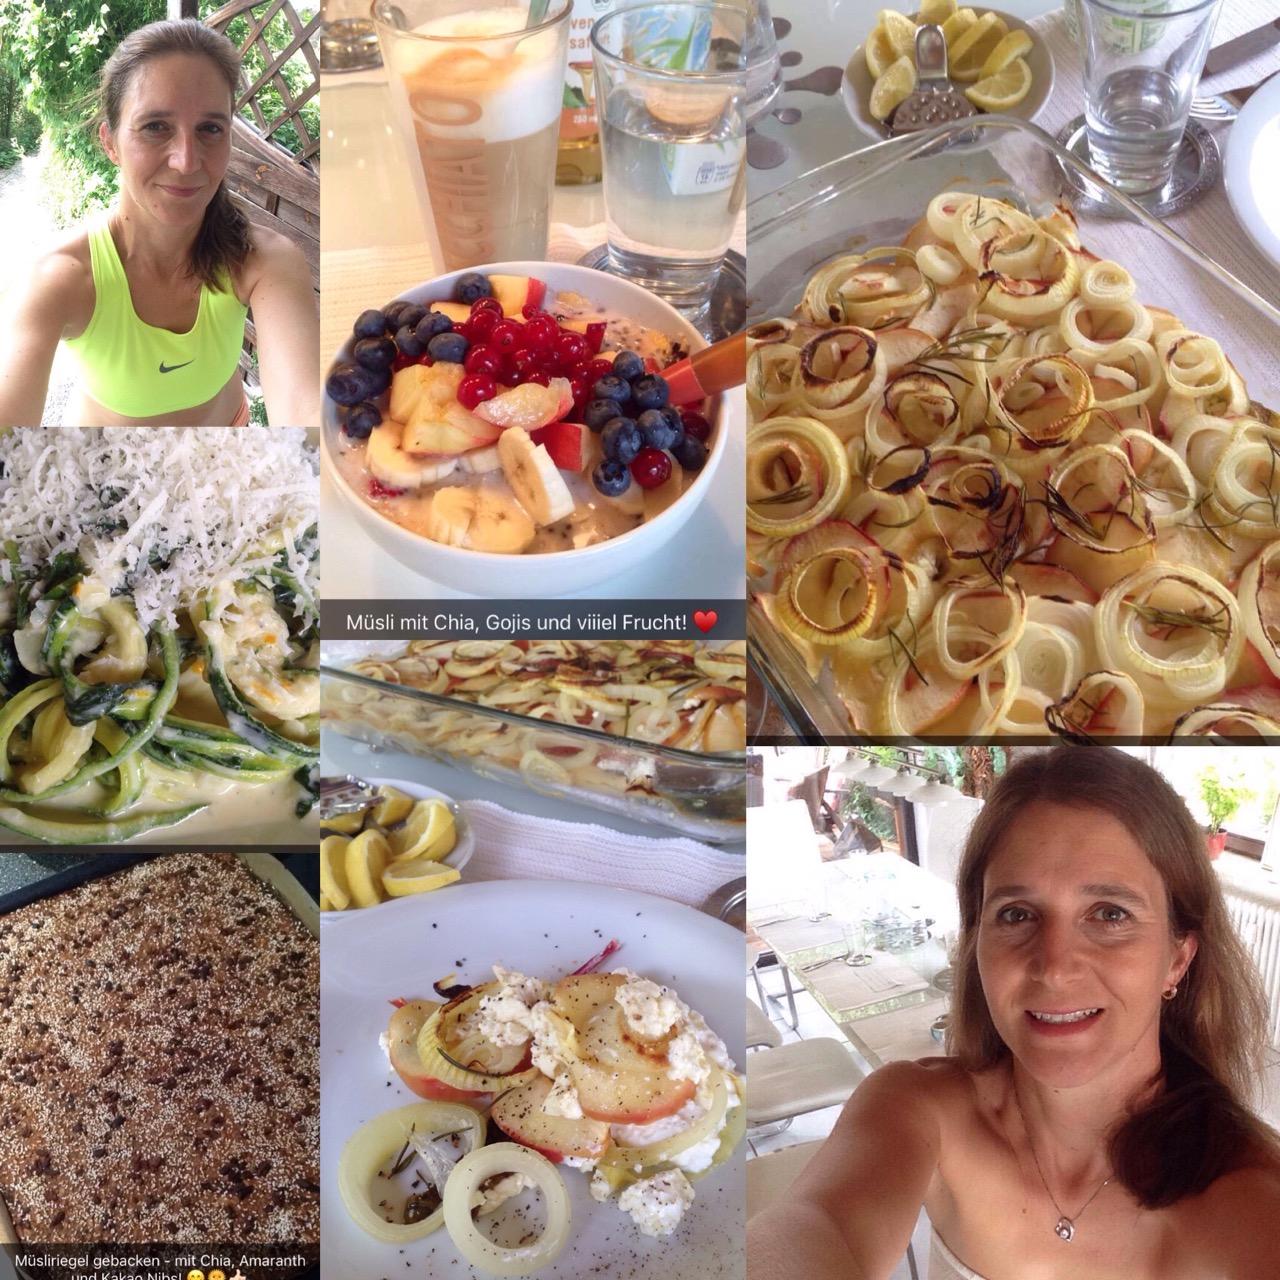 Wochenplan mit sechs Clean Eating Rezepten plus Cheat Day für eine Fitness-Woche im Januar